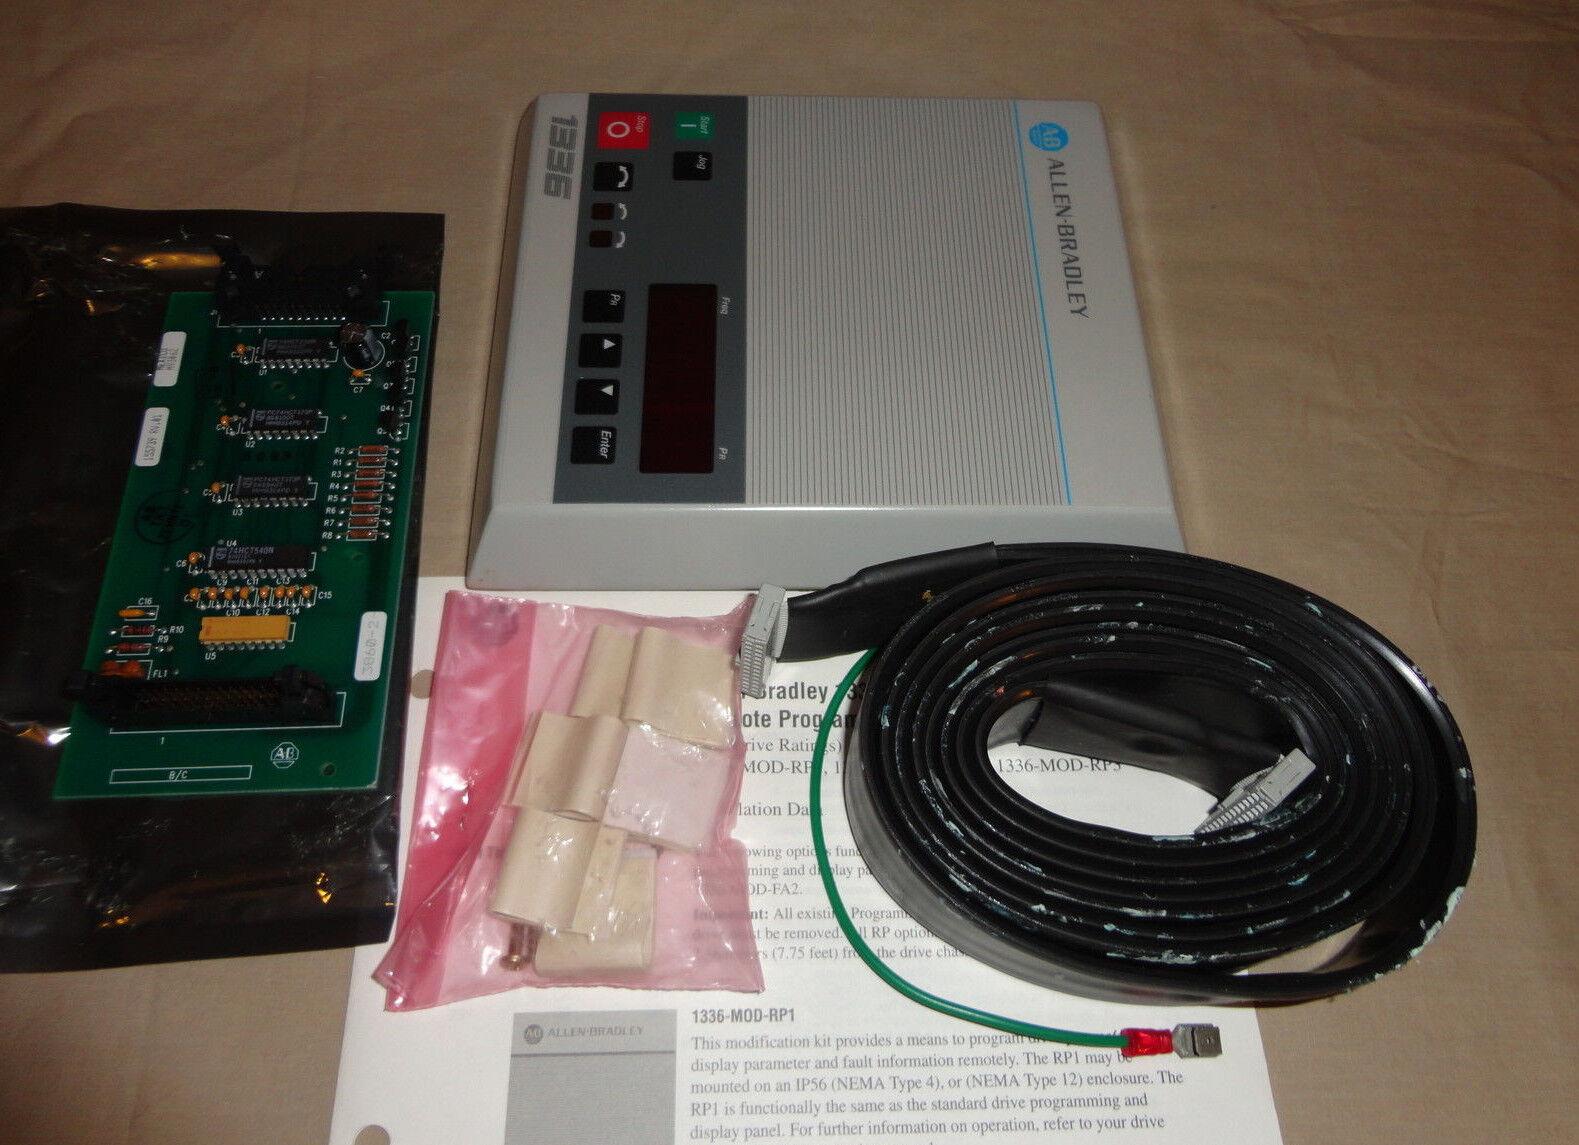 Allen-dley 1336-mod-rp3 Program Module Spare Parts for D370111 on